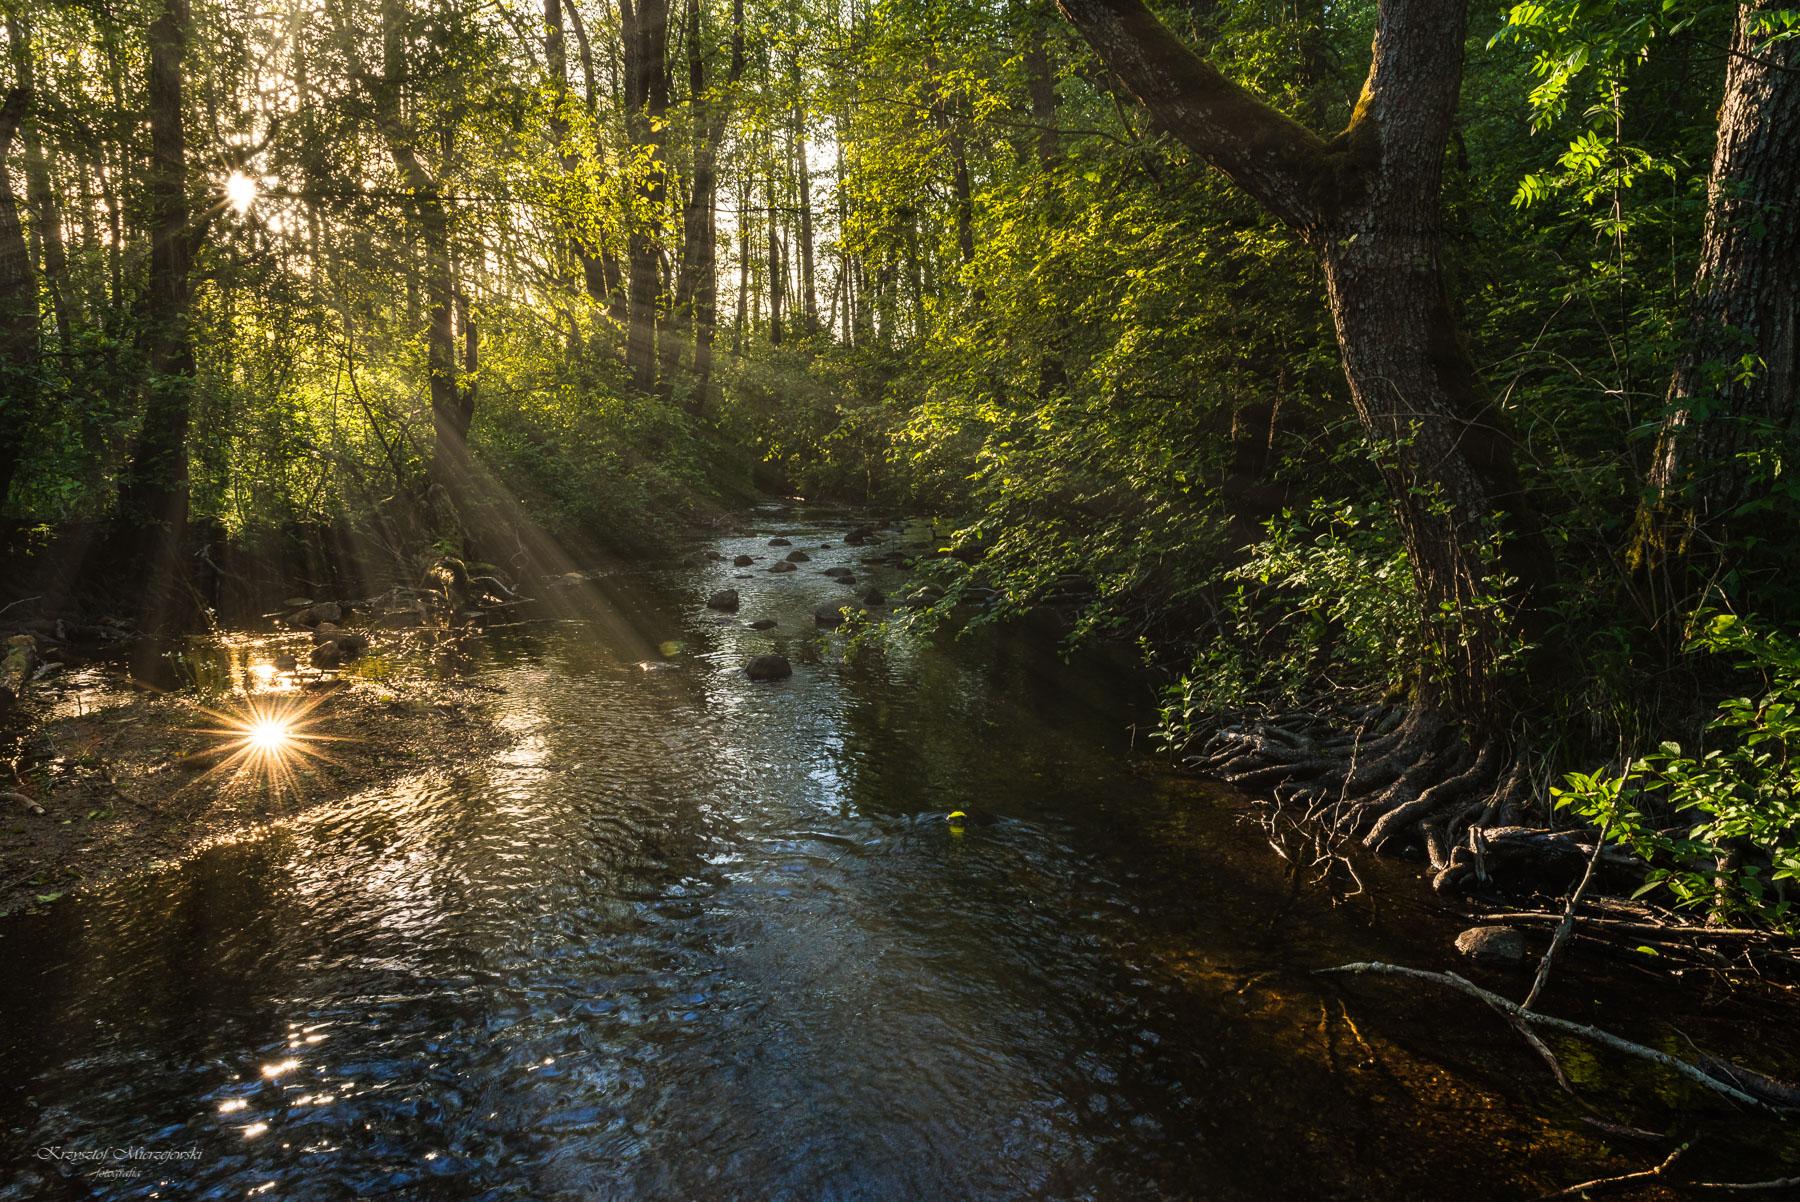 Rzeka Czarna Hańcza. Fot.K.Mierzejewski